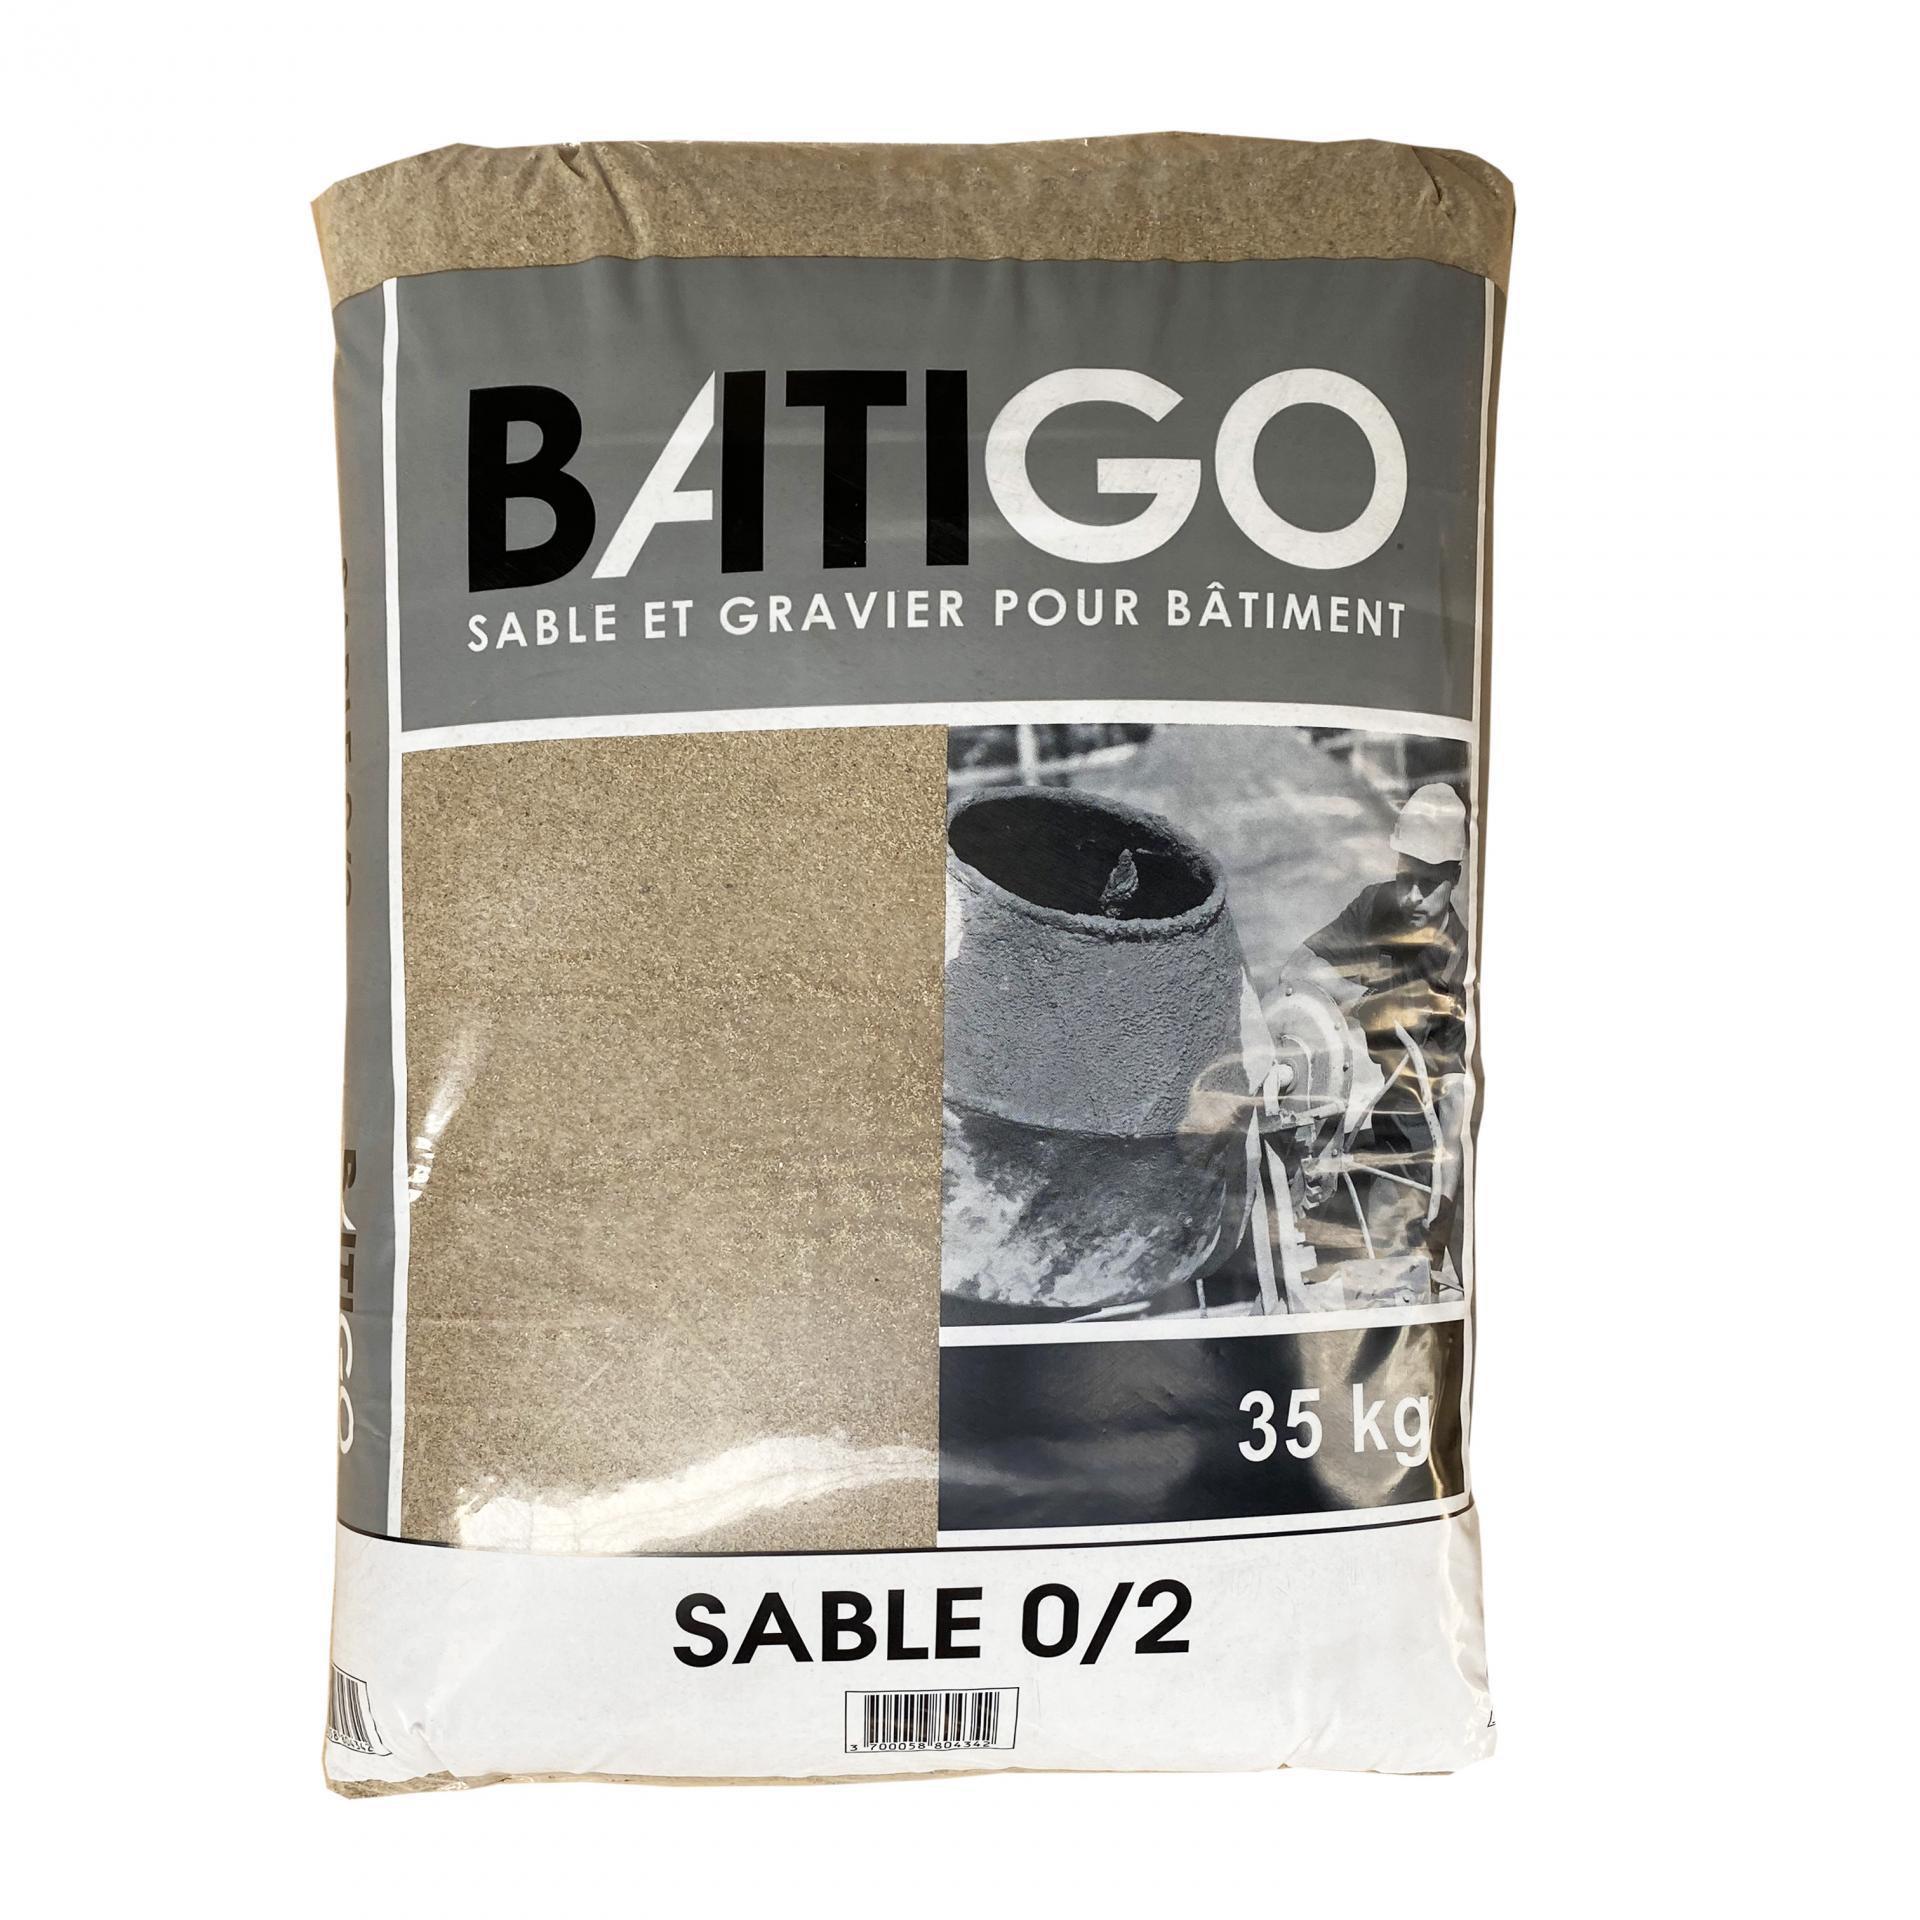 SABLE 0/2 BATIGO